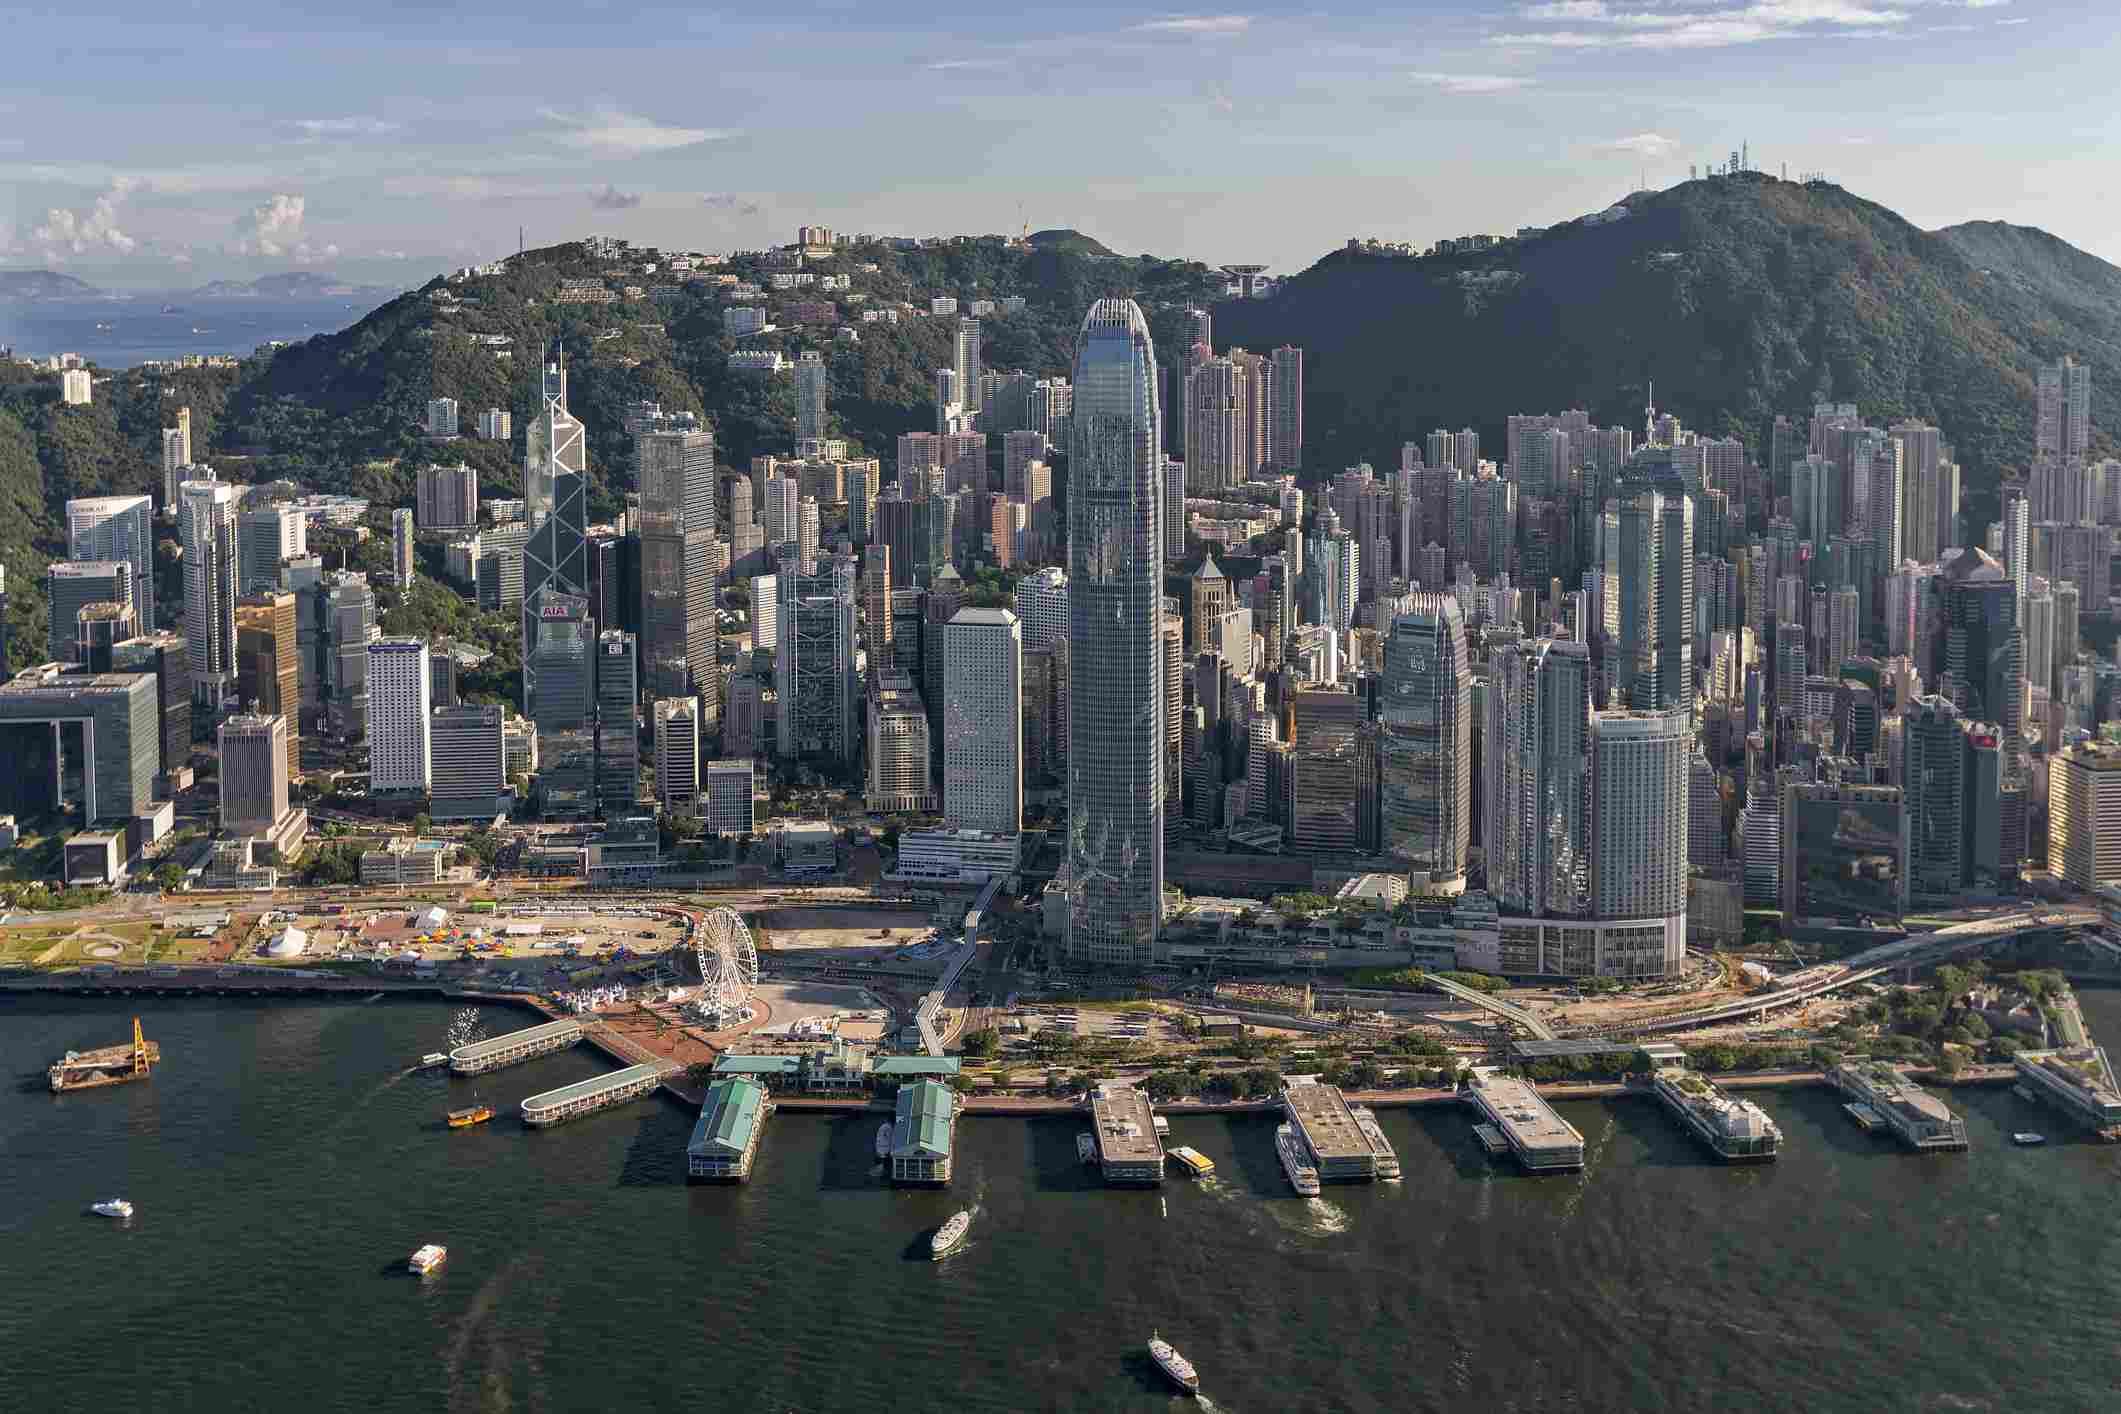 Imagen aérea del distrito financiero central